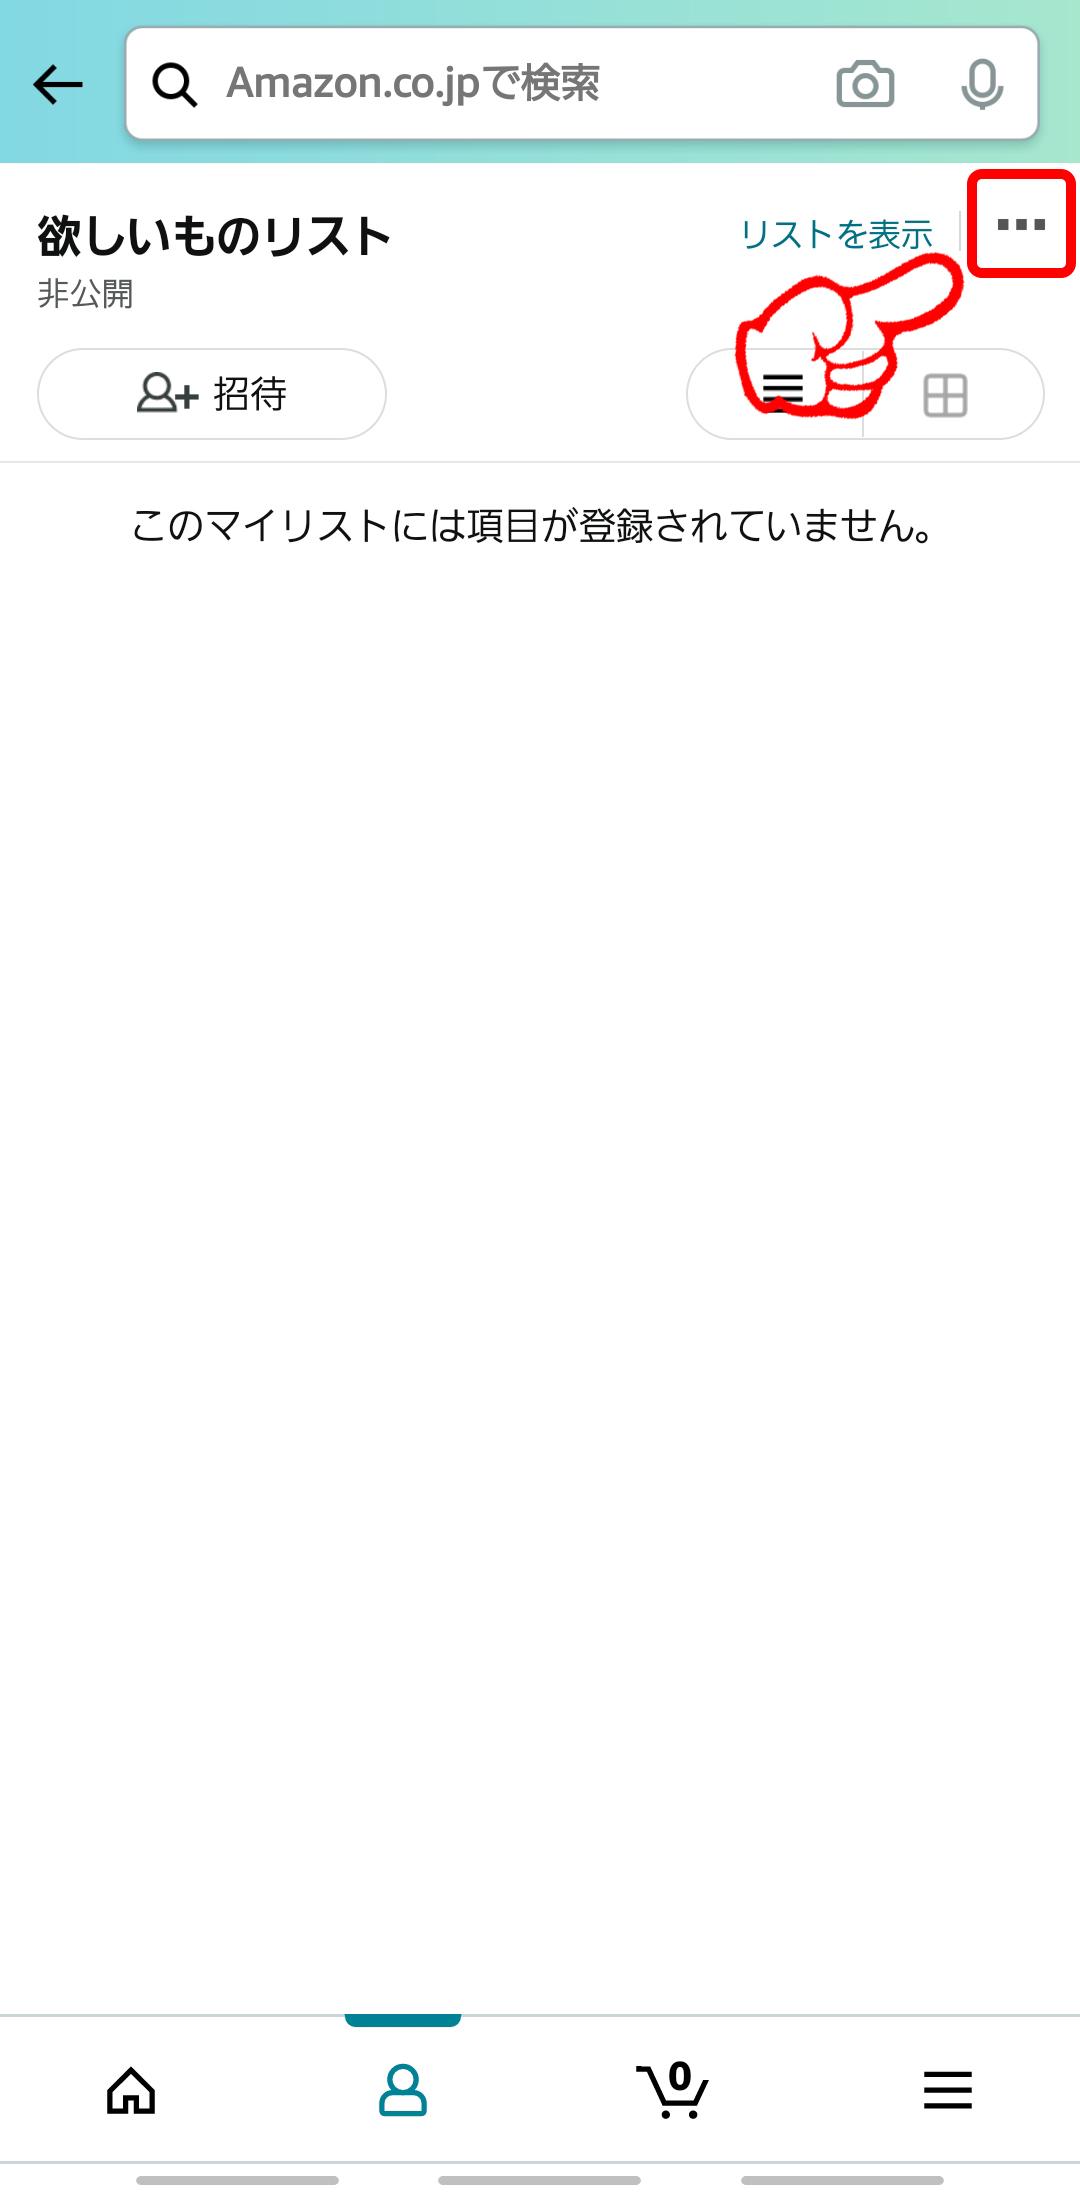 アマゾンアプリほしい物リスト作り方-5